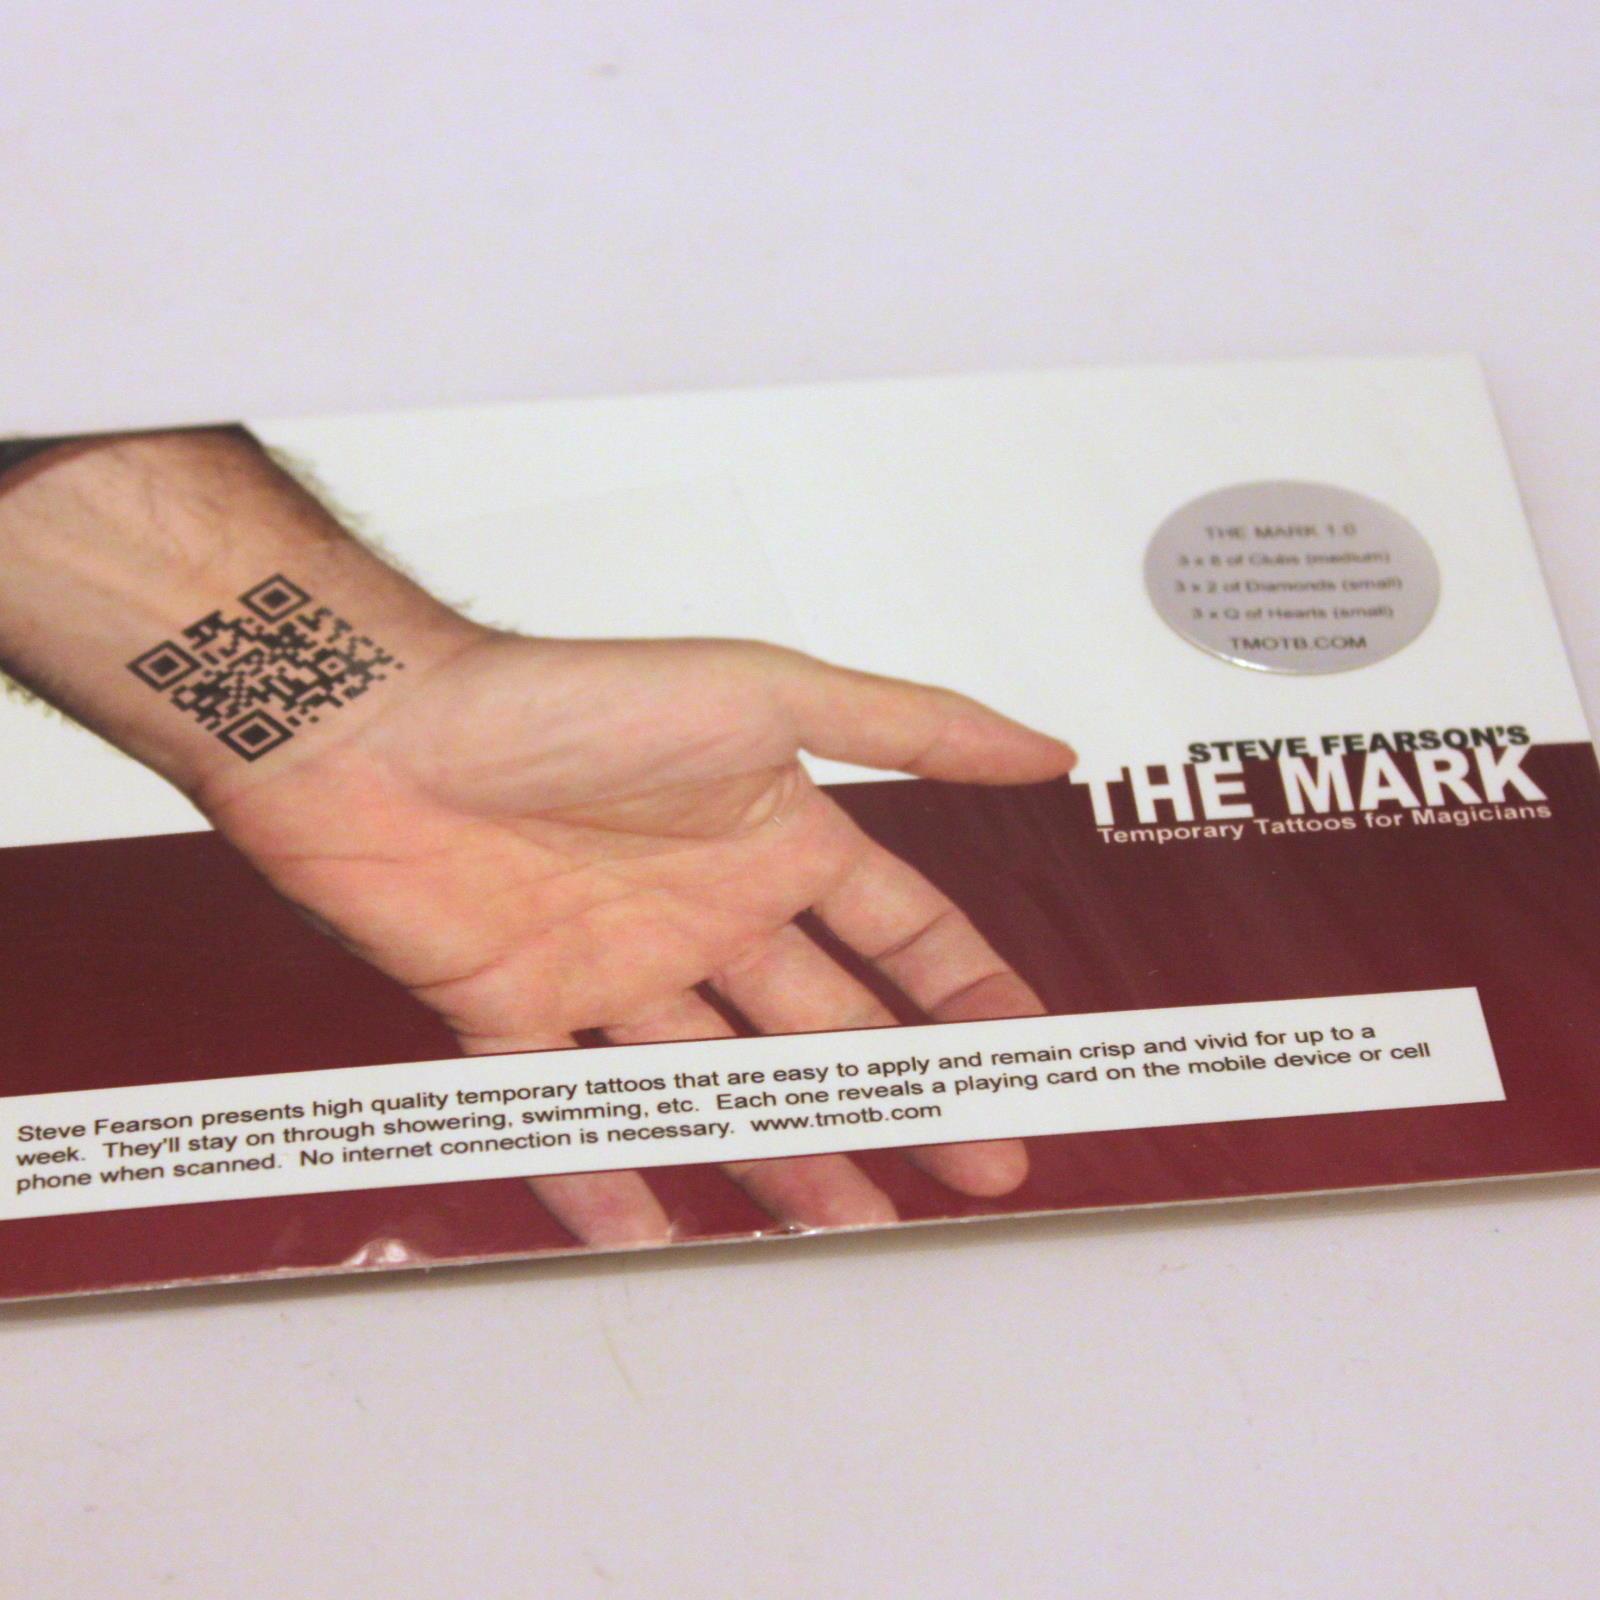 The Mark by Steve Fearson